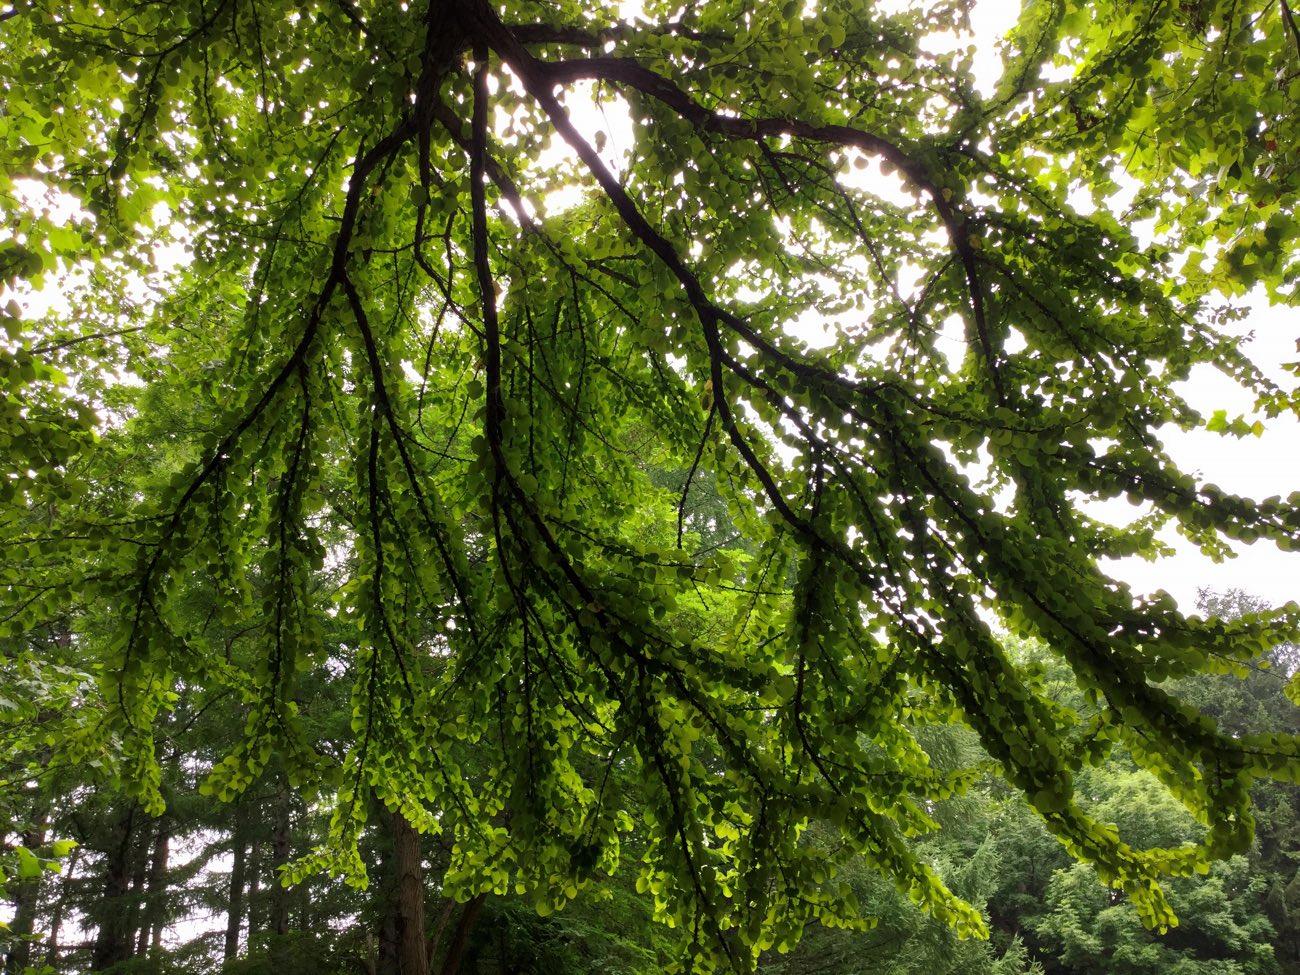 葉っぱは逆光で撮ると透き通って綺麗